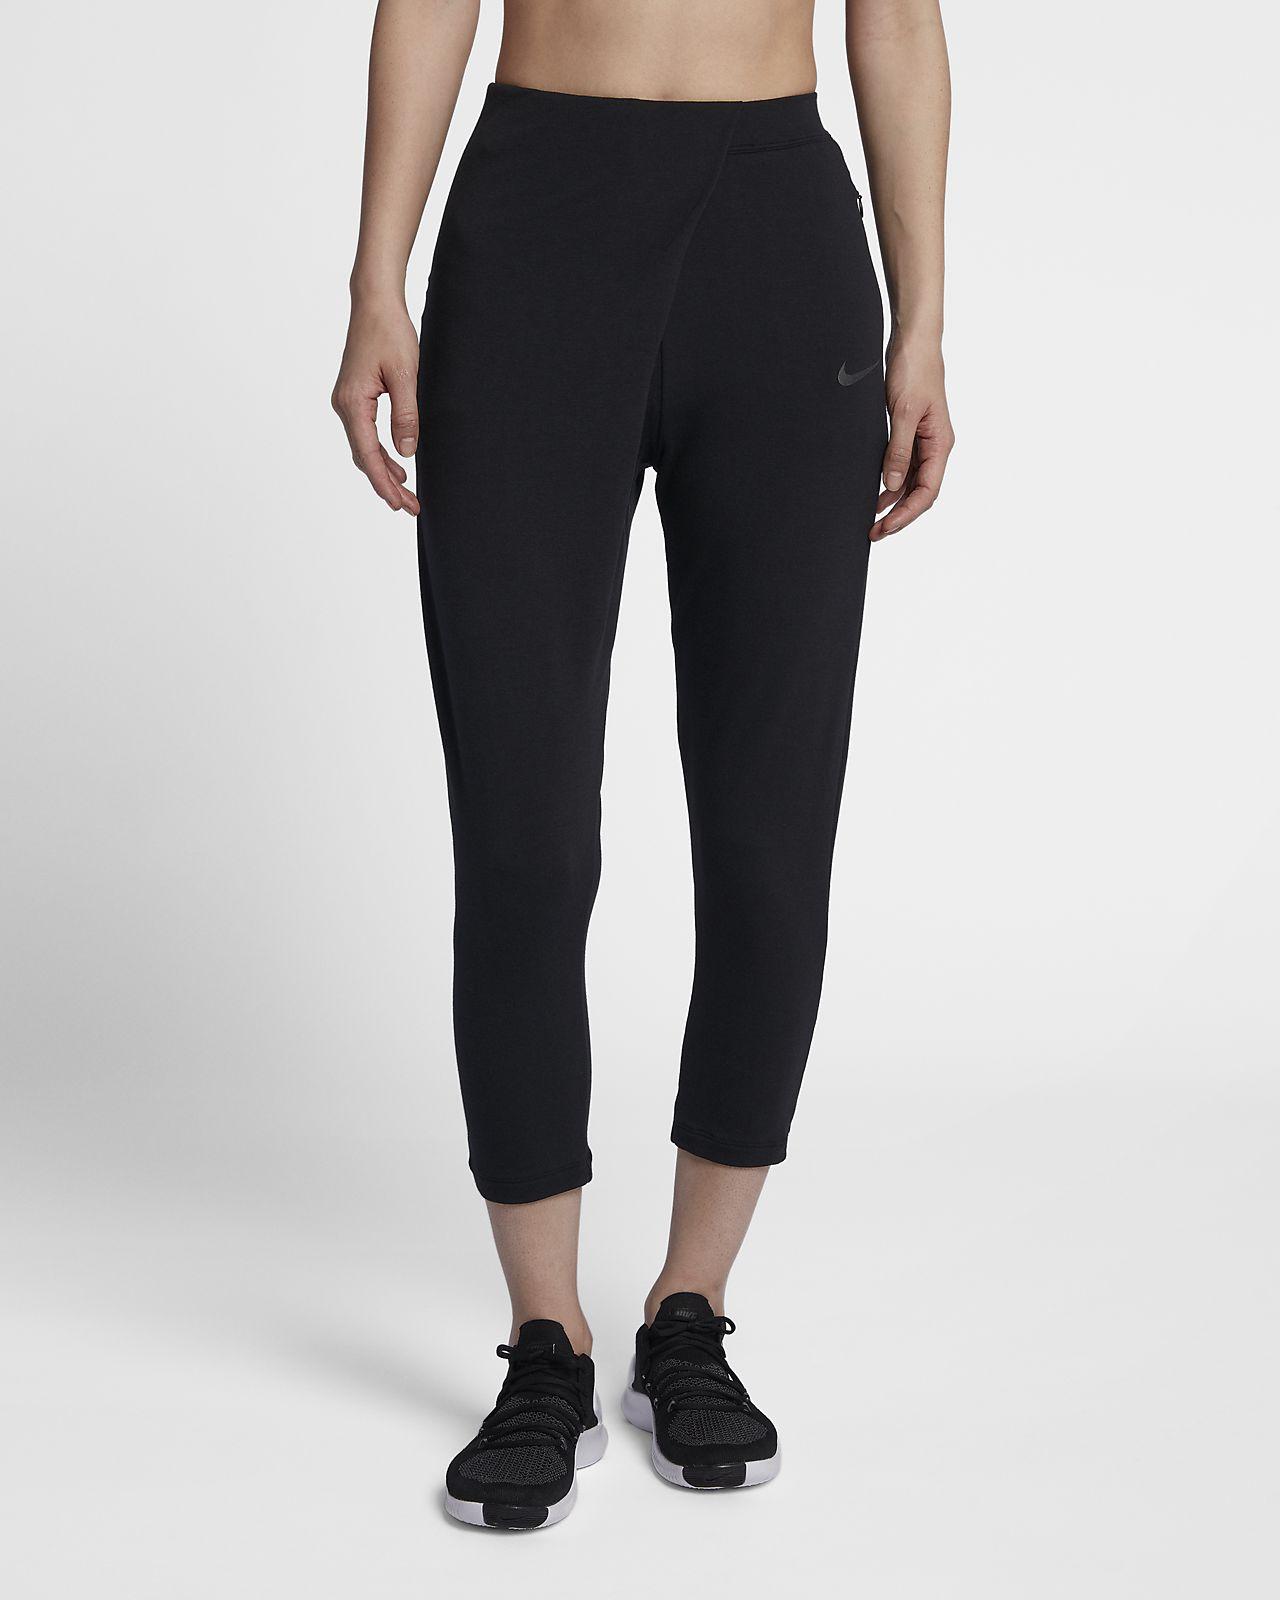 77c6ed3432ef Nike Dri-FIT Studio Women s Mid-Rise Training Pants. Nike.com